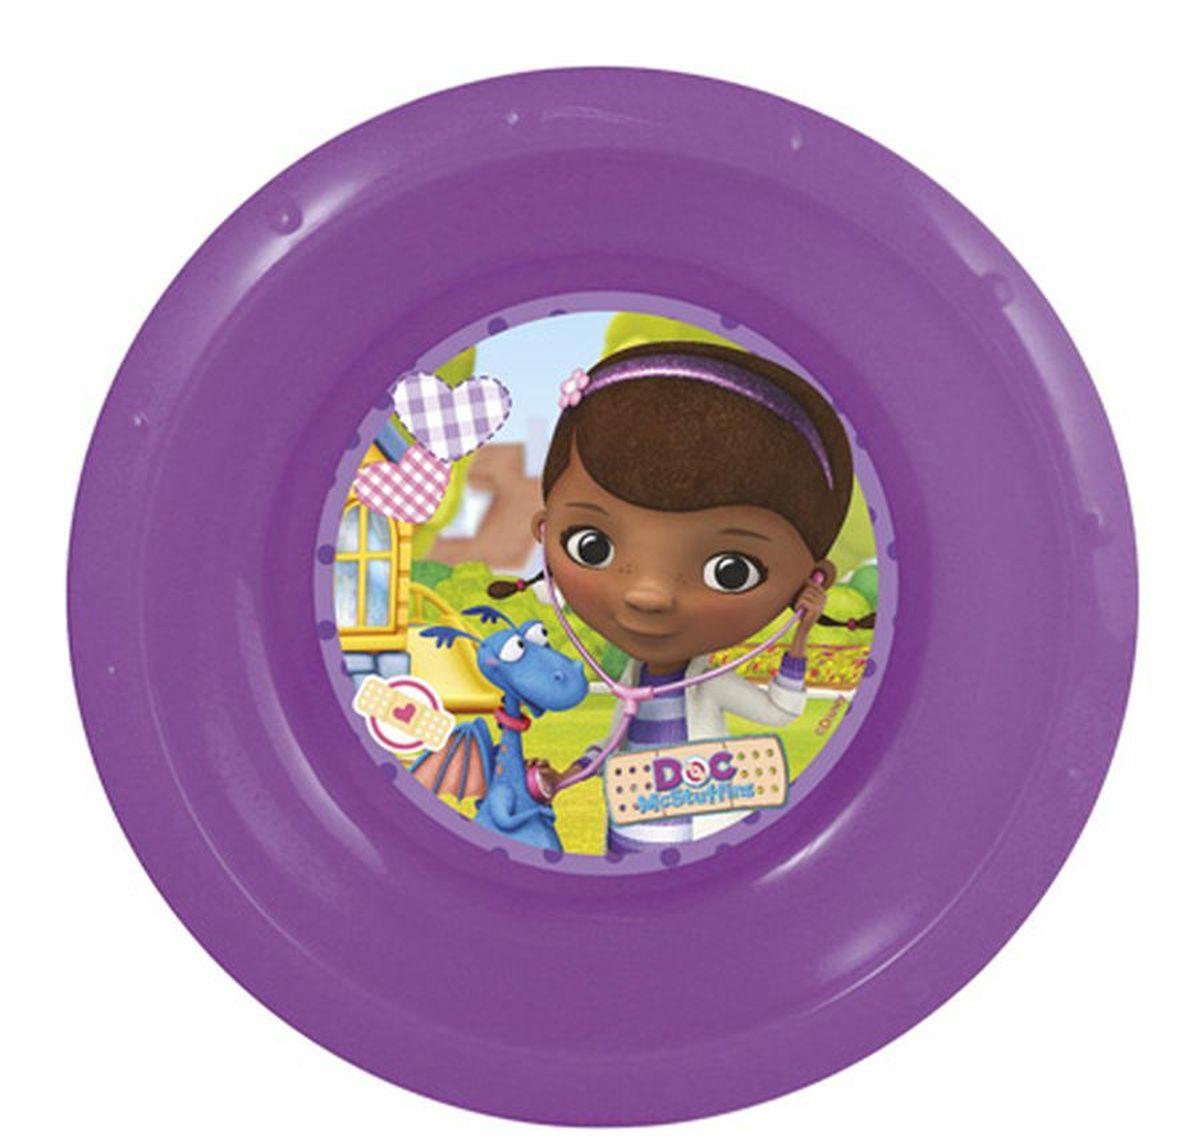 """Глубокая миска """"Disney"""" превратит процесс кормления вашего малыша в веселую игру. Дно оформлено изображением любимого мультипликационного персонажа.  Ваш ребенок будет кушать с большим удовольствием, стараясь быстрее добраться до картинки."""